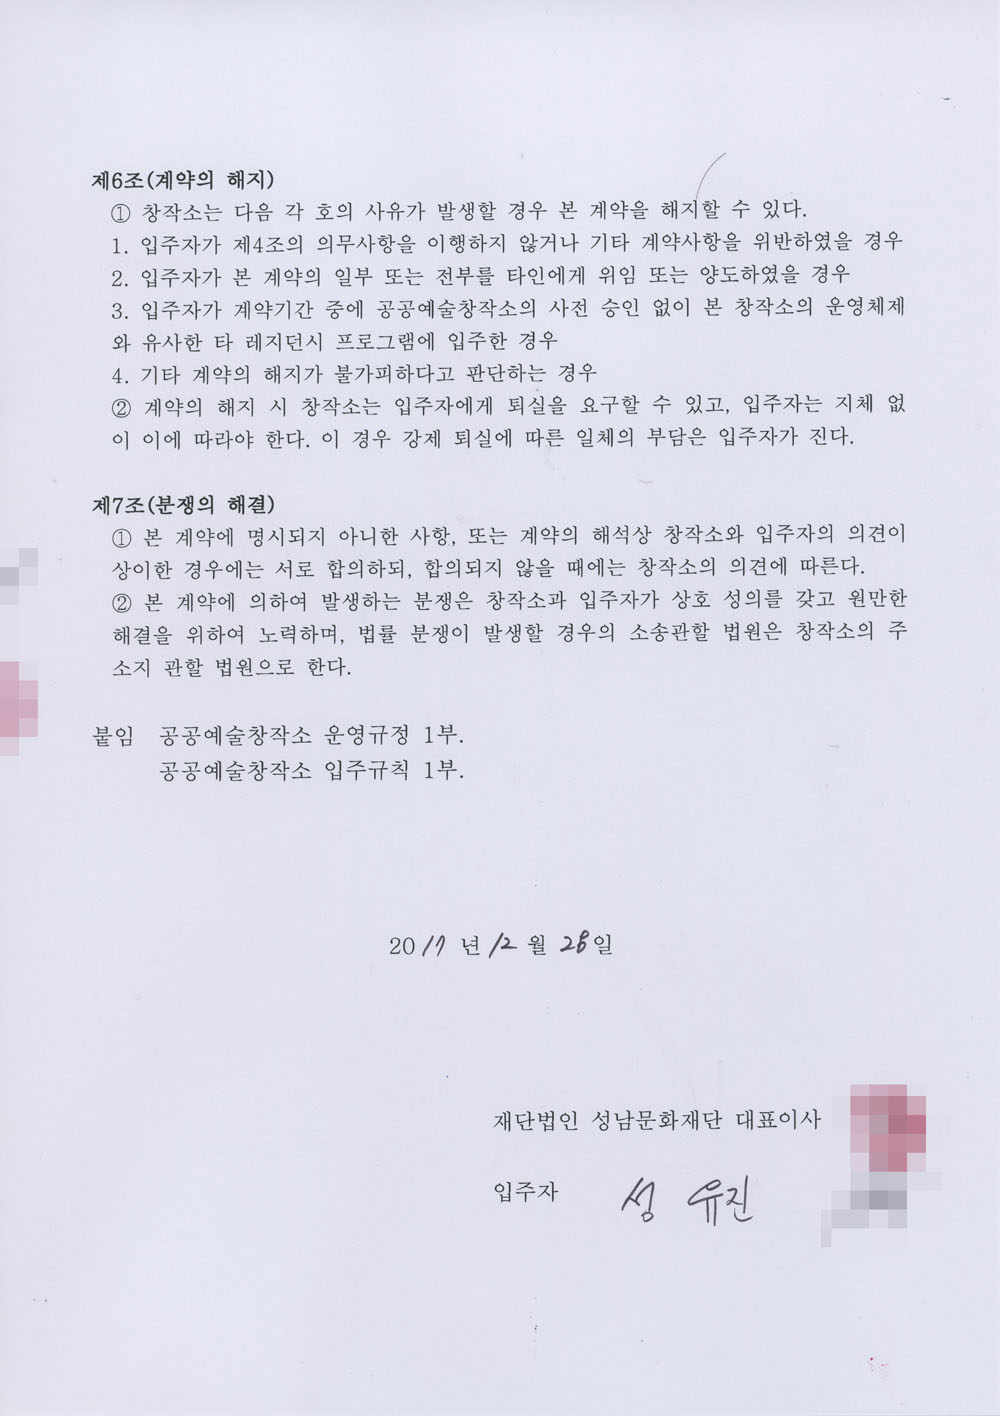 20171228_태평 공공예술 창작소 표준입주계약서_페이지_2.jpg